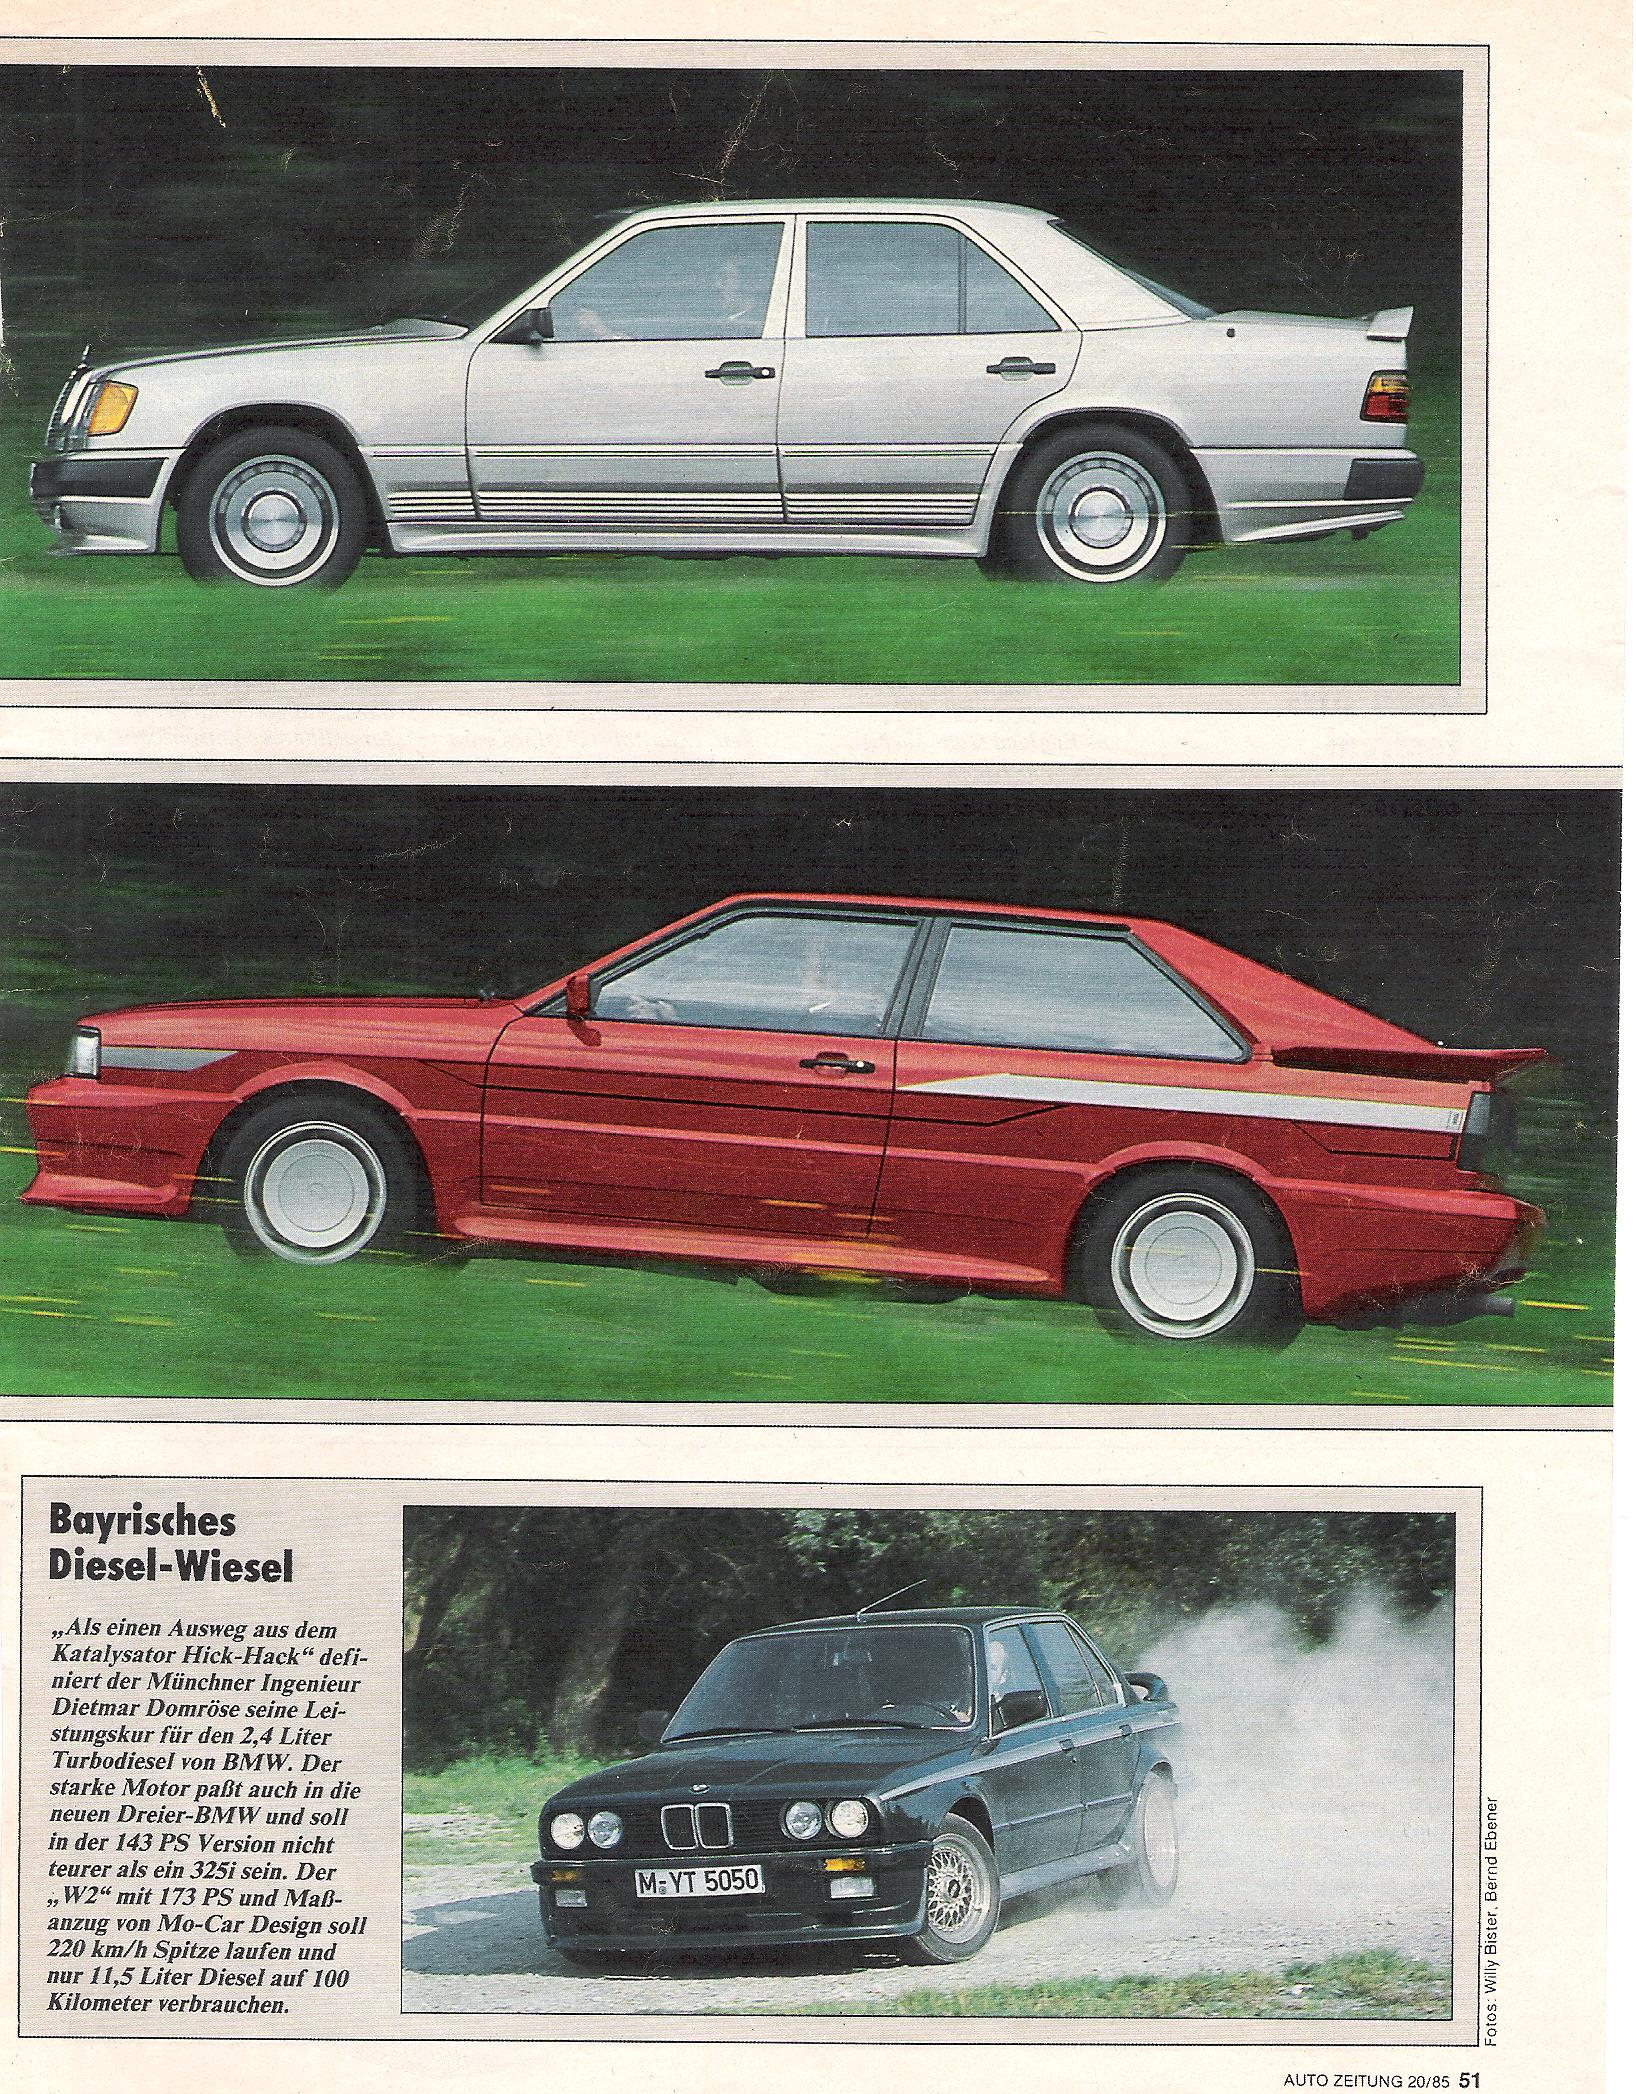 """AutoZeitung 1985, """"Münchner Diesel-Wiesel"""""""